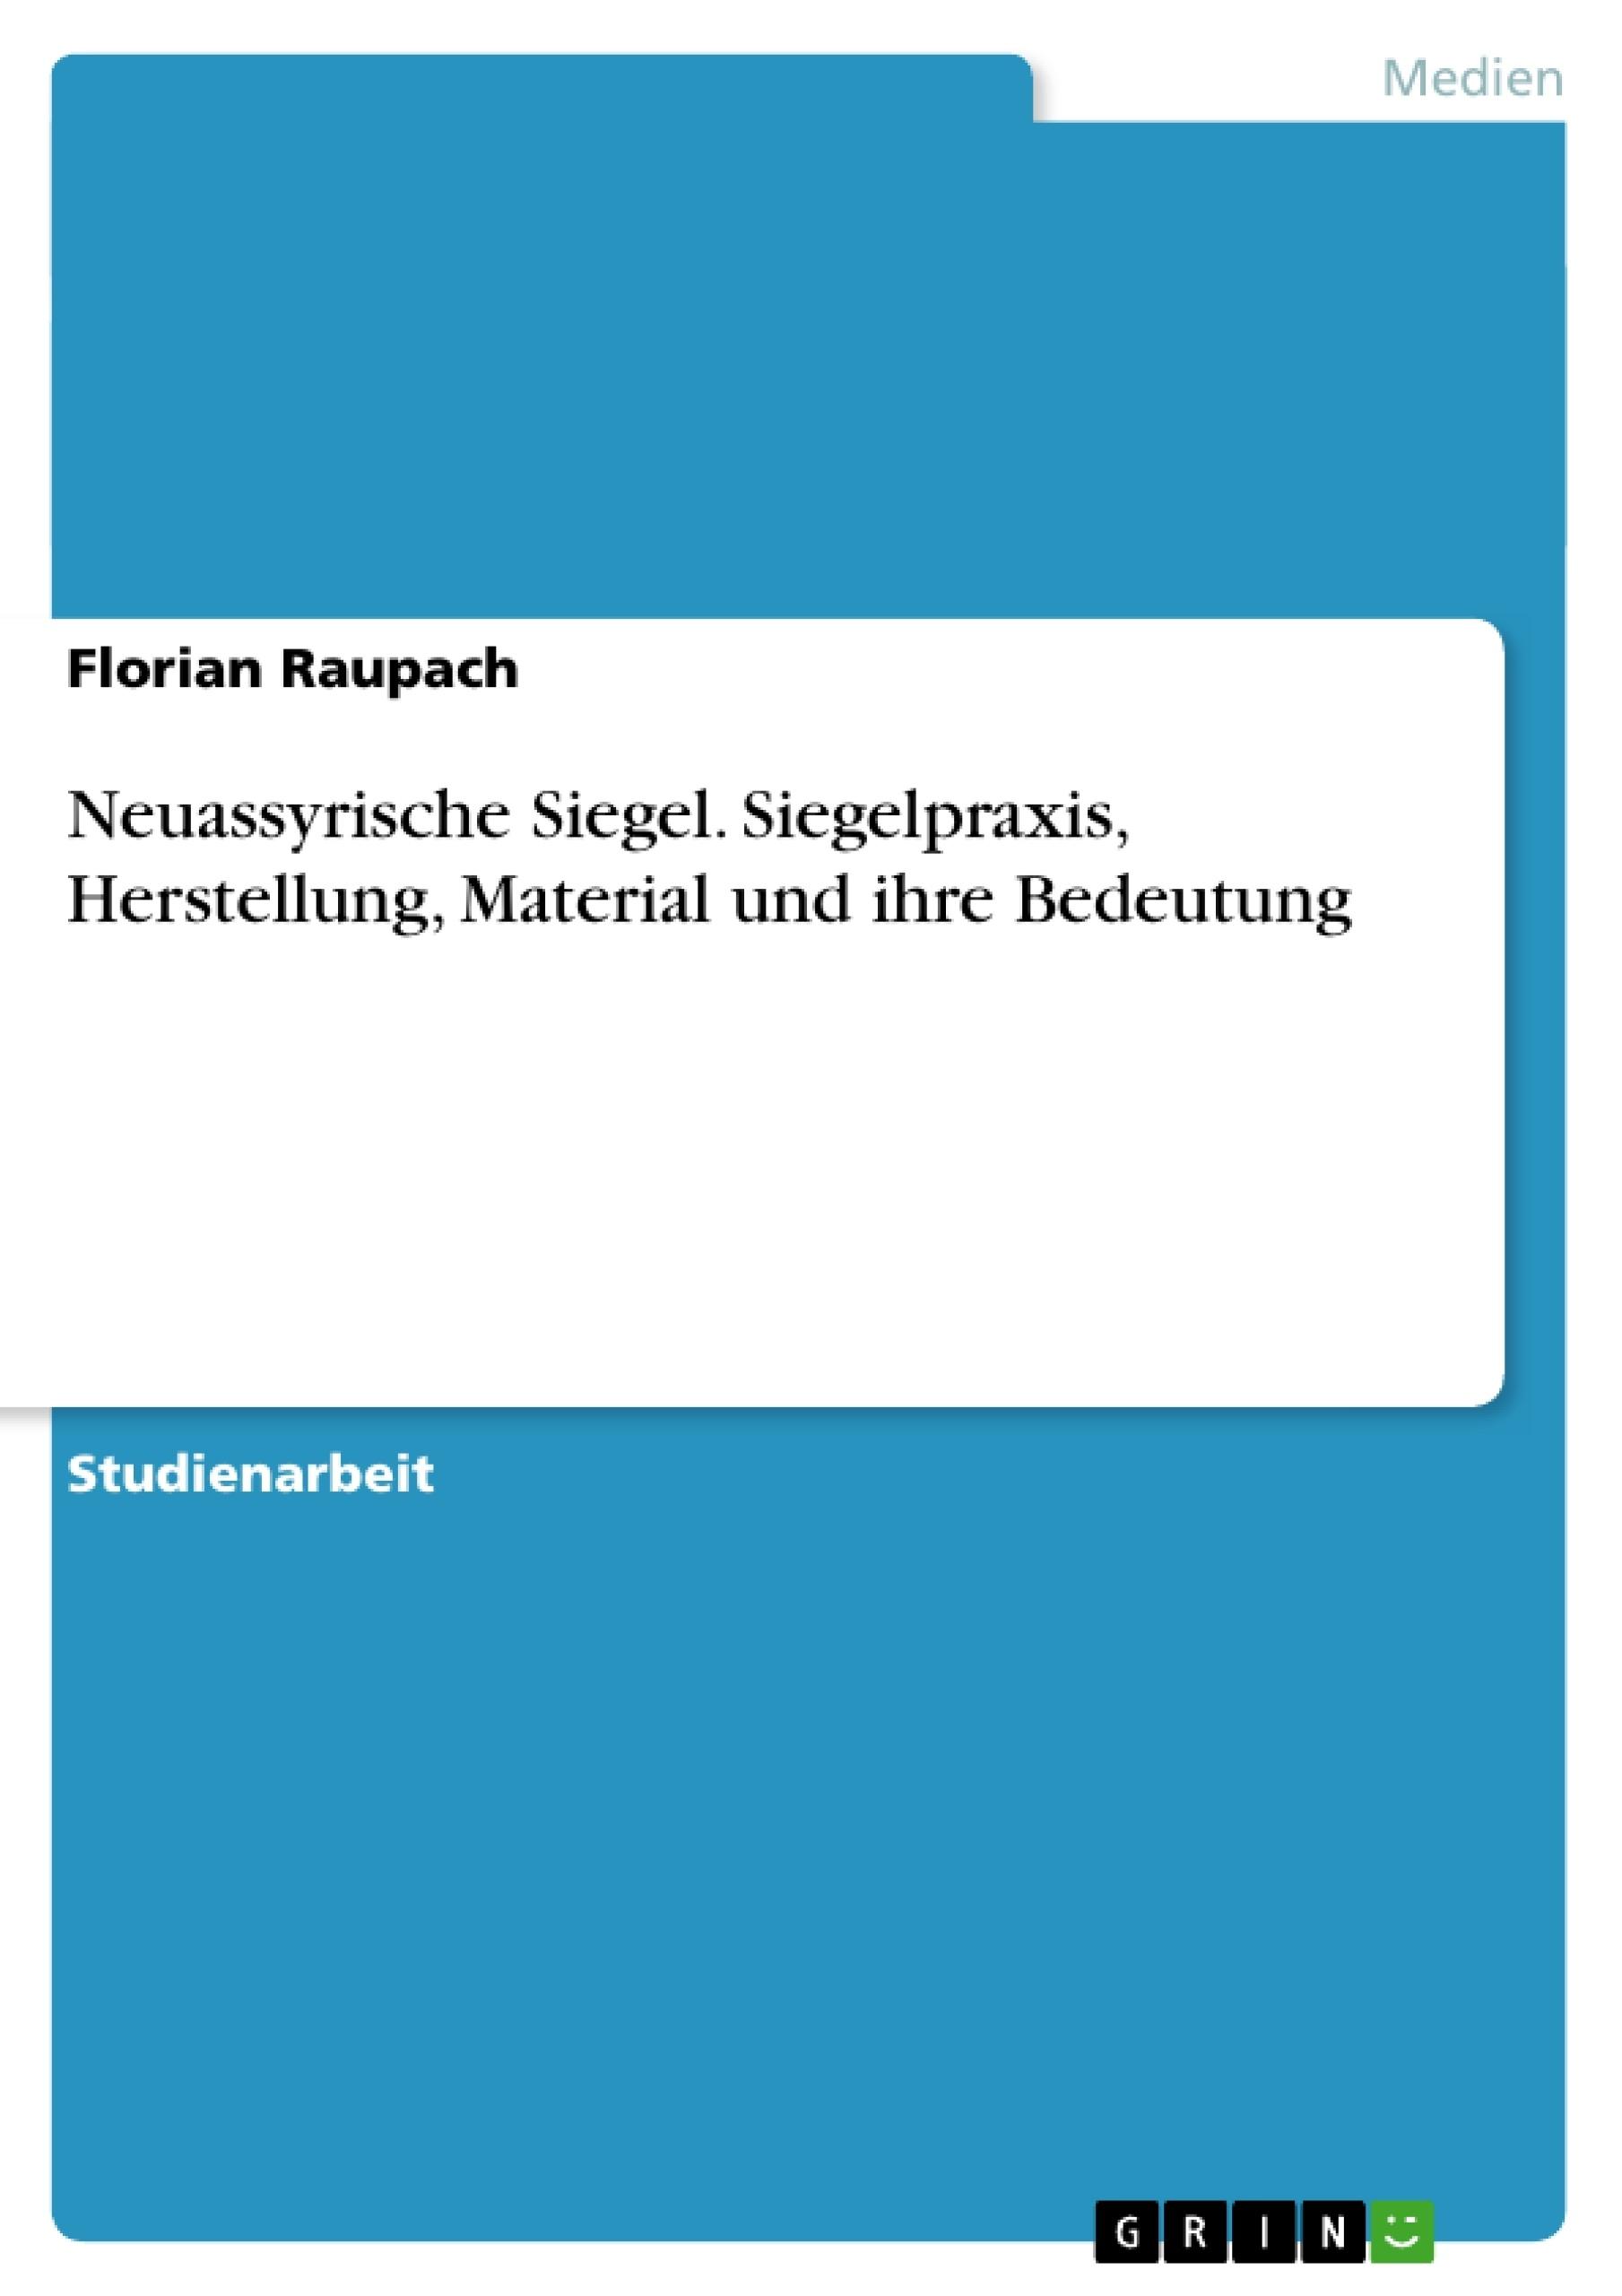 Titel: Neuassyrische Siegel. Siegelpraxis, Herstellung, Material und ihre Bedeutung